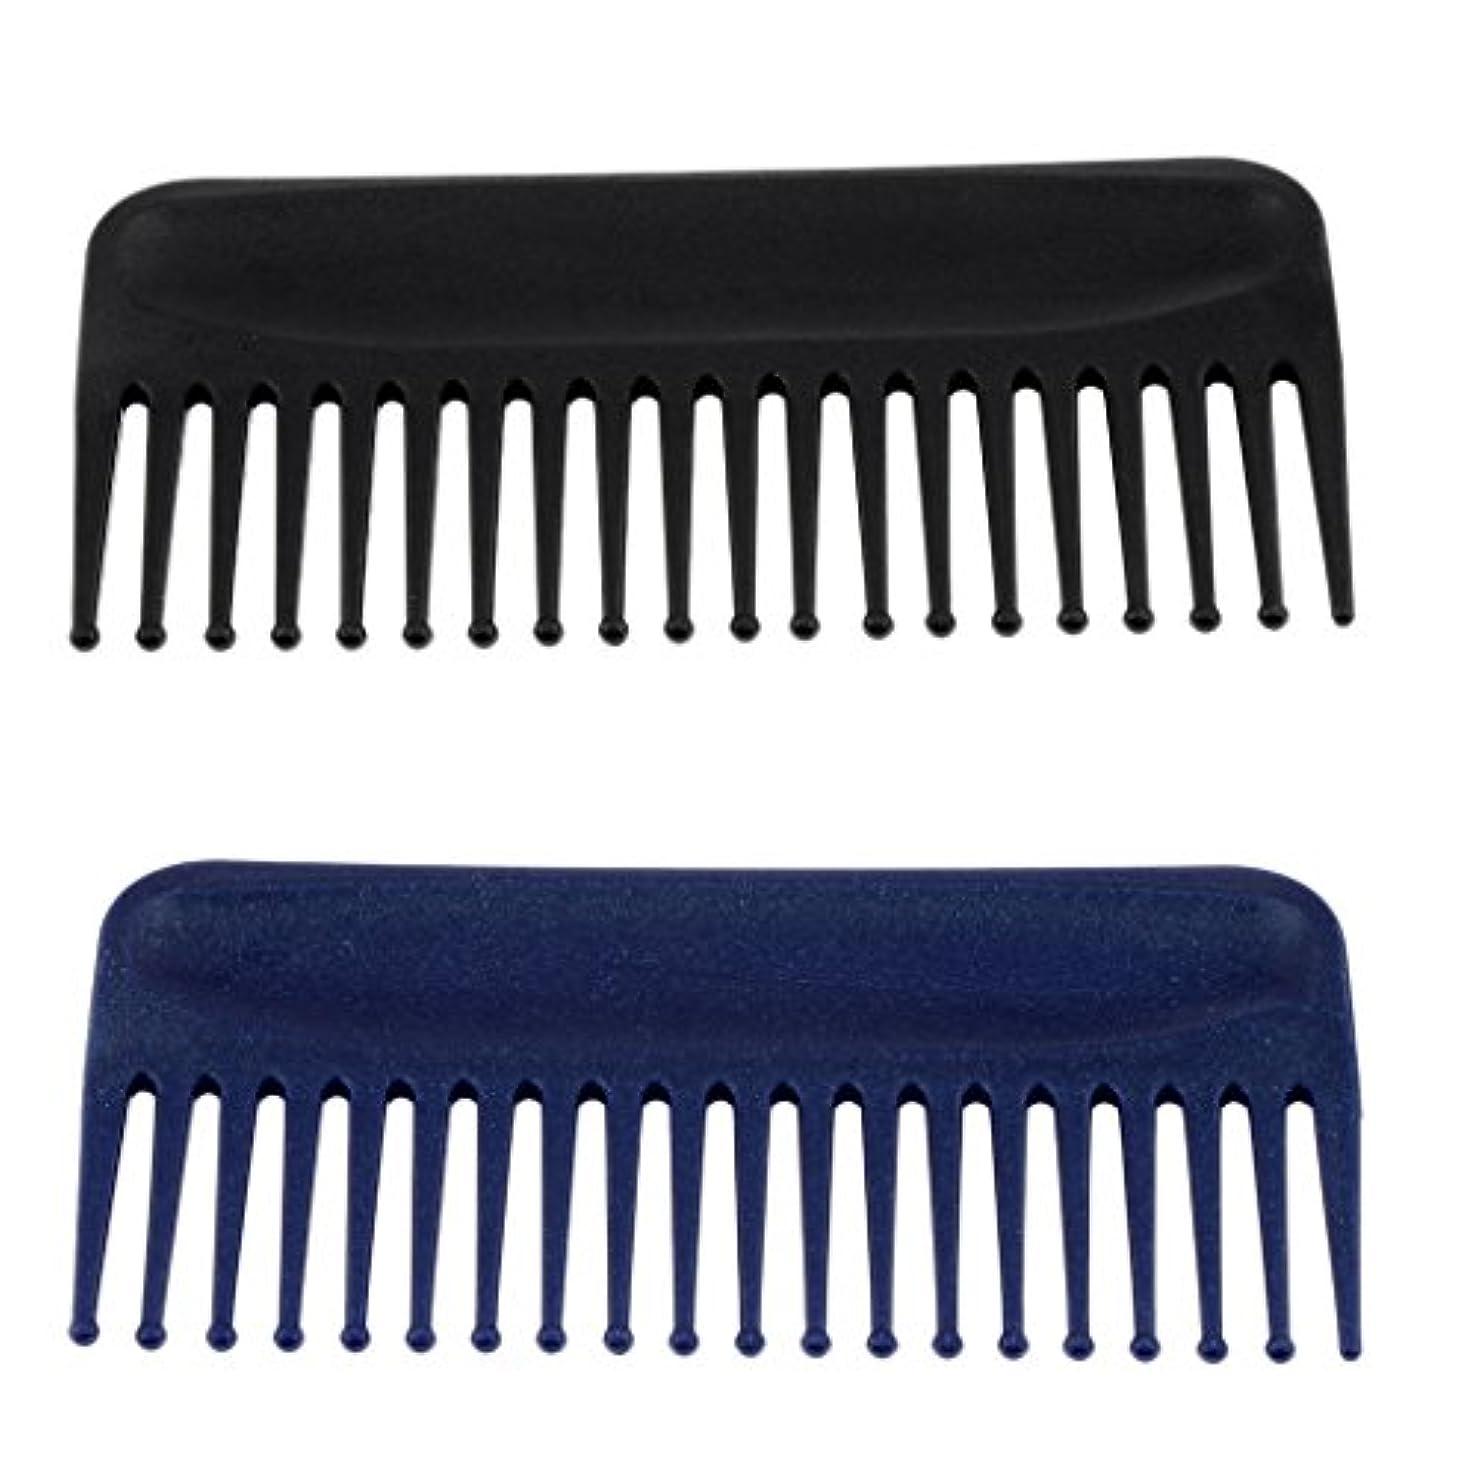 告白進行中社員Toygogo 2x広い歯の櫛、帯電防止の耐熱性、もつれのくし、長いぬれた髪の毛のためのデタングラーの毛の櫛は巻き毛をまっすぐにします